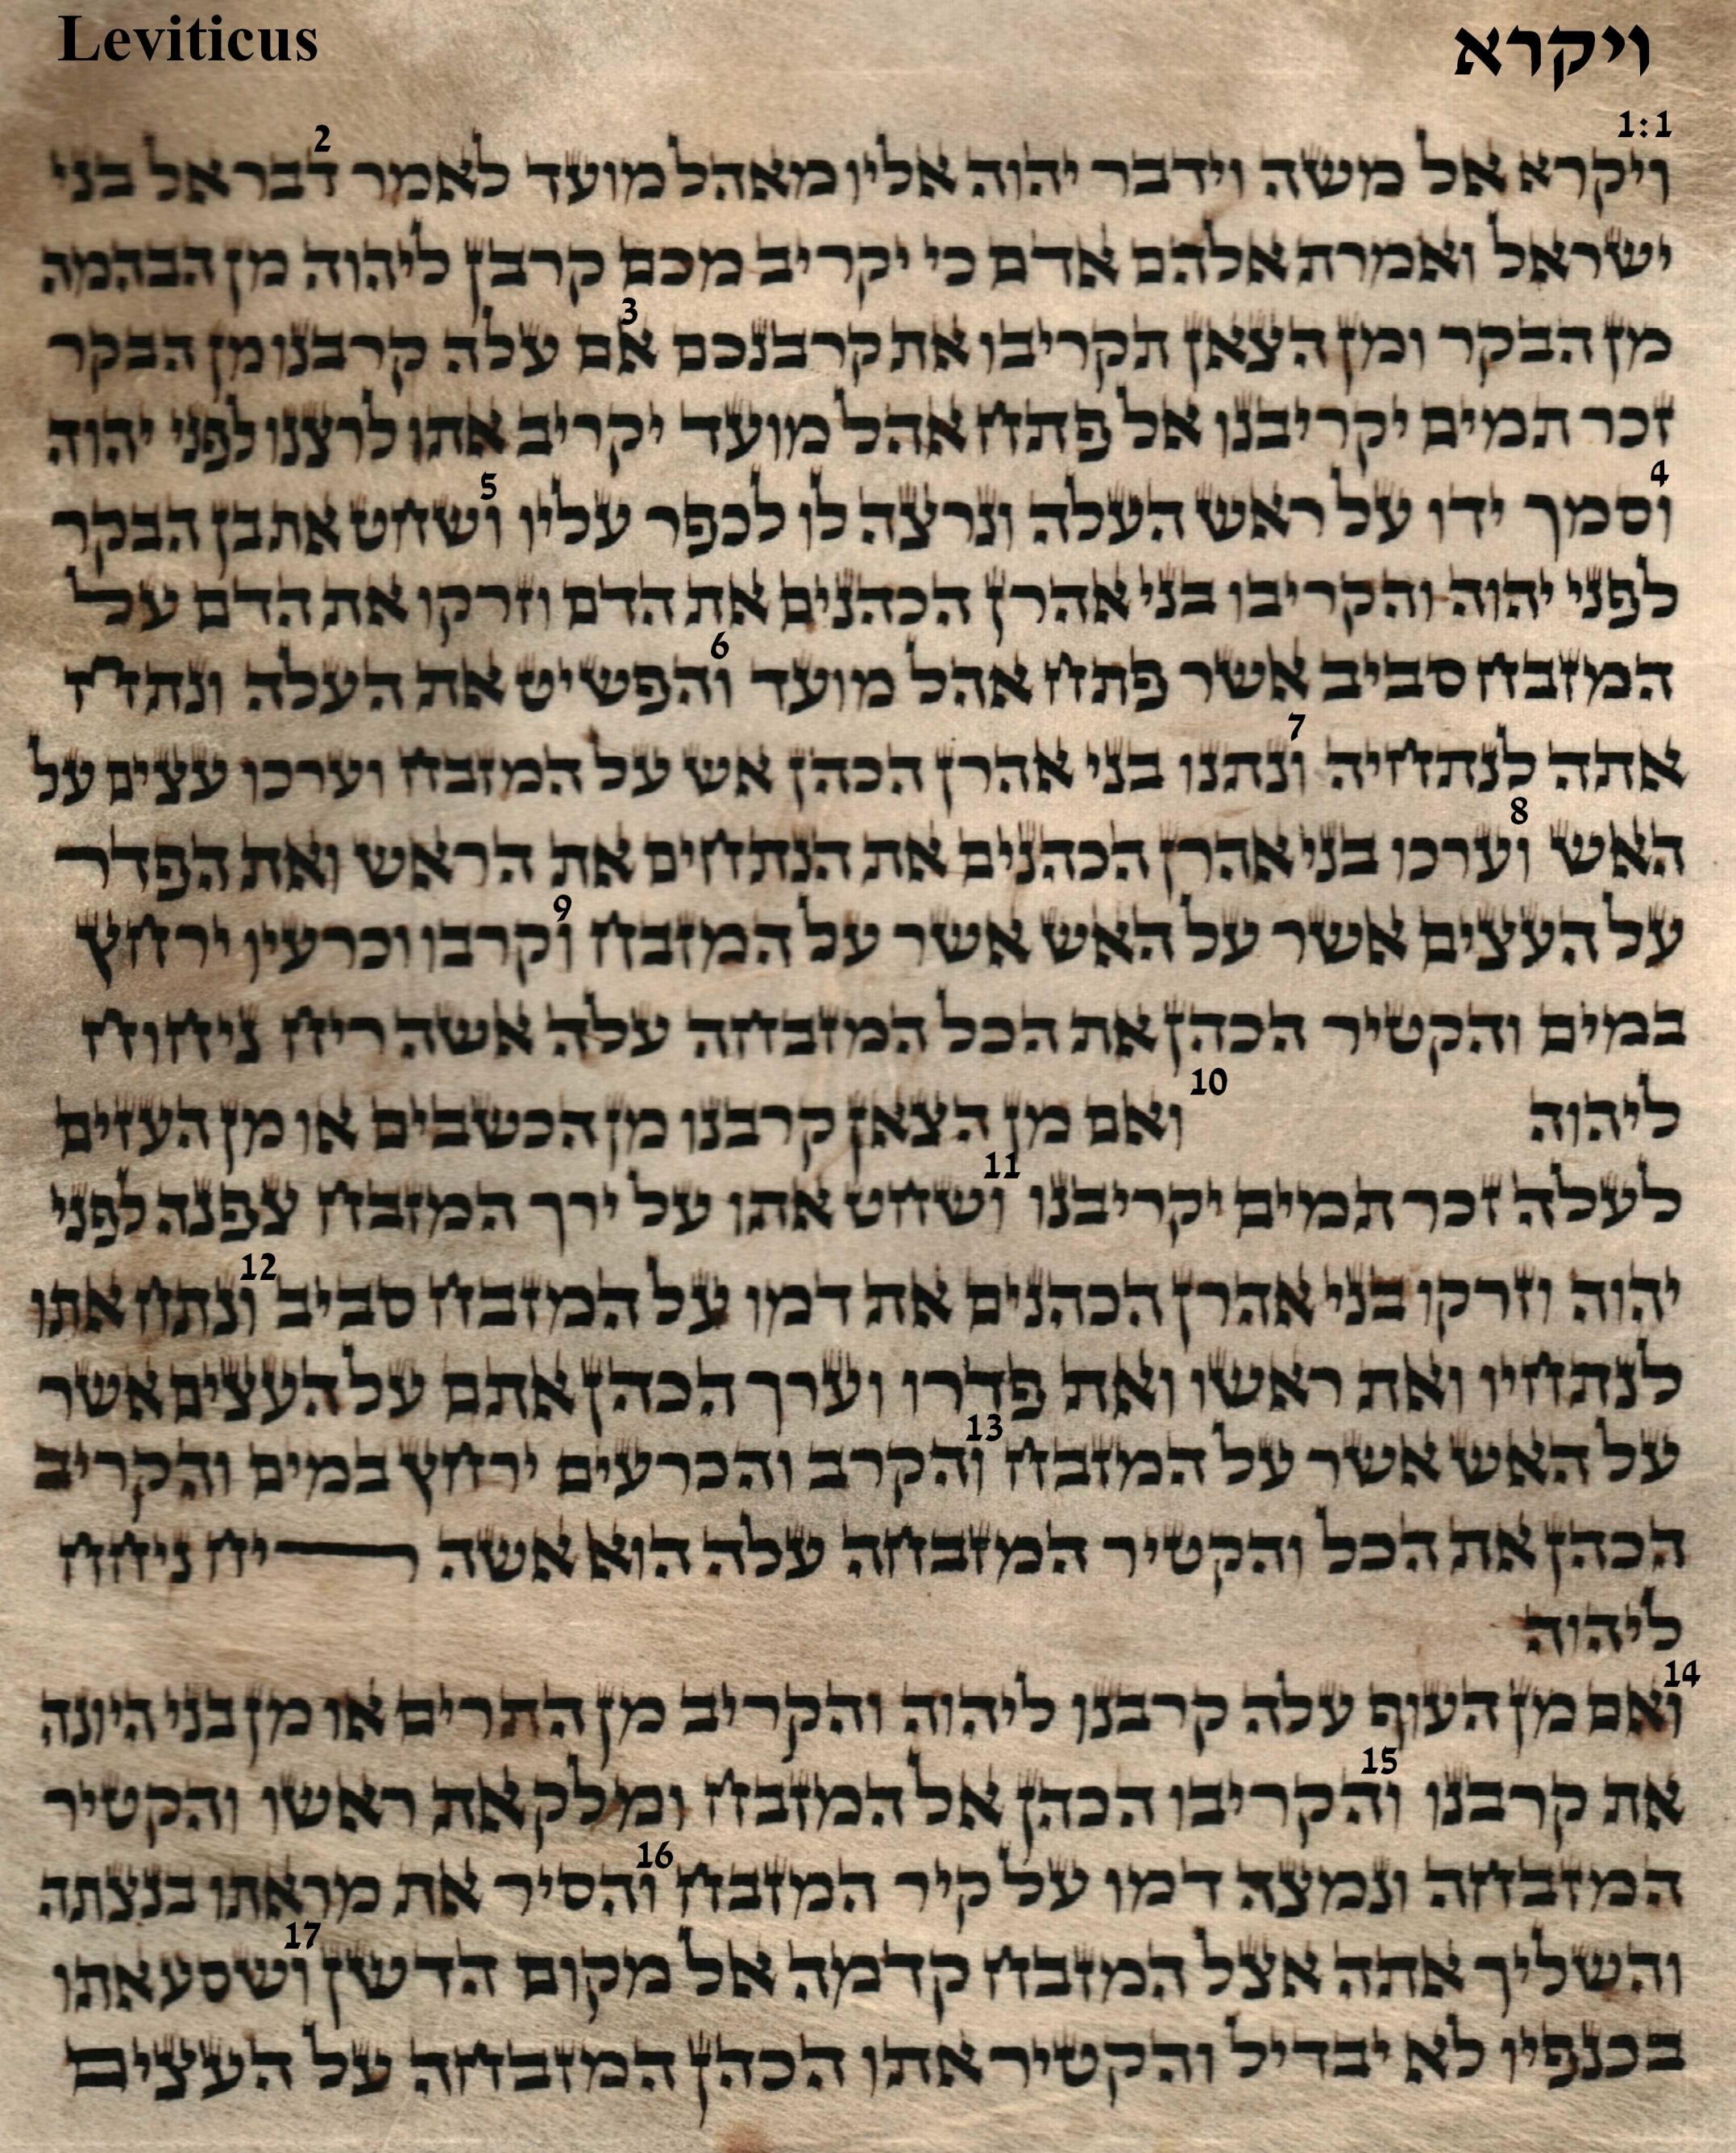 Leviticus 1.1 - 1.17